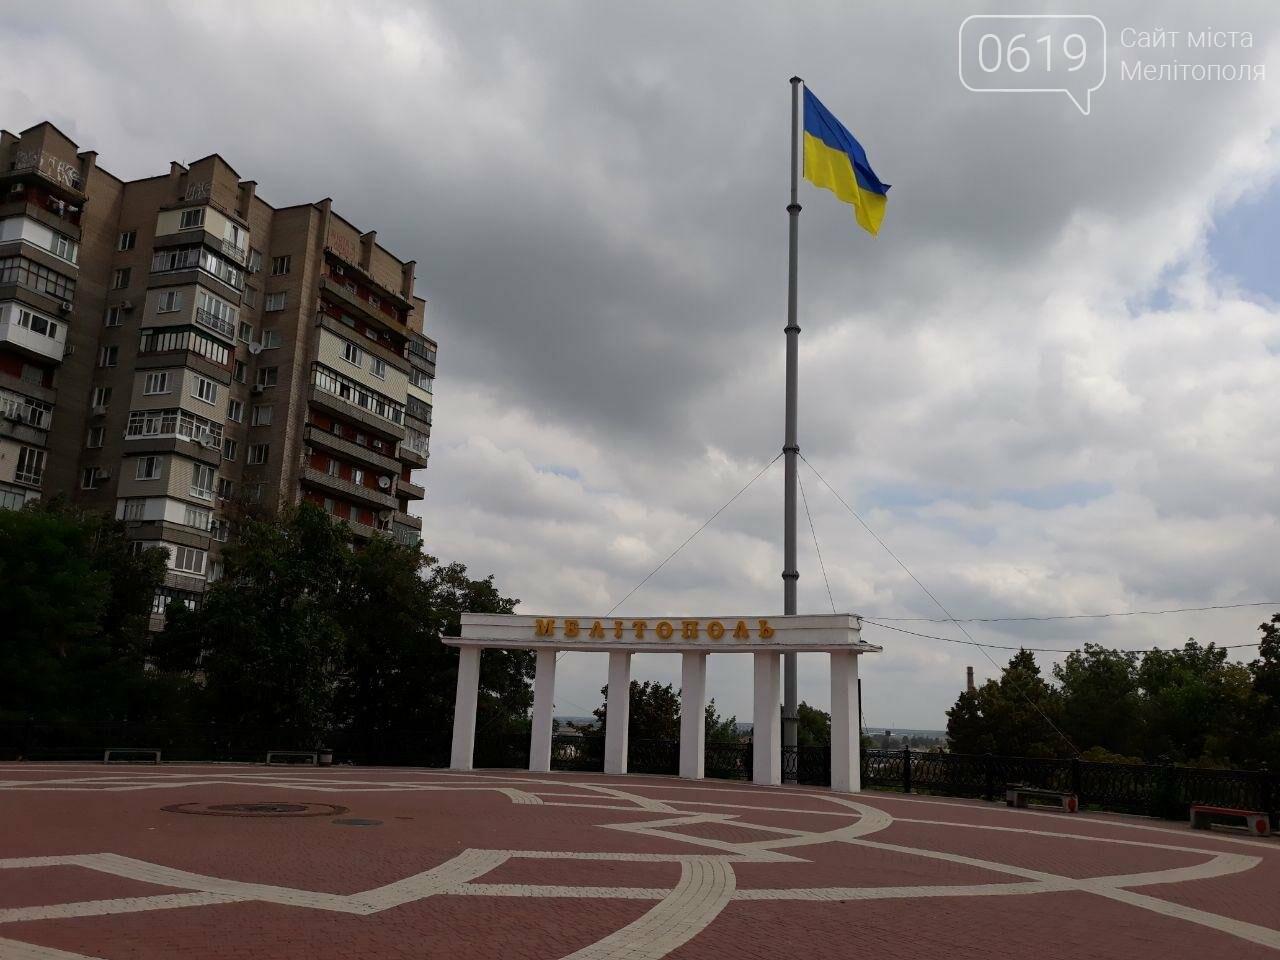 Над центральной площадью Мелитополя развивается флаг Украины, фото-1